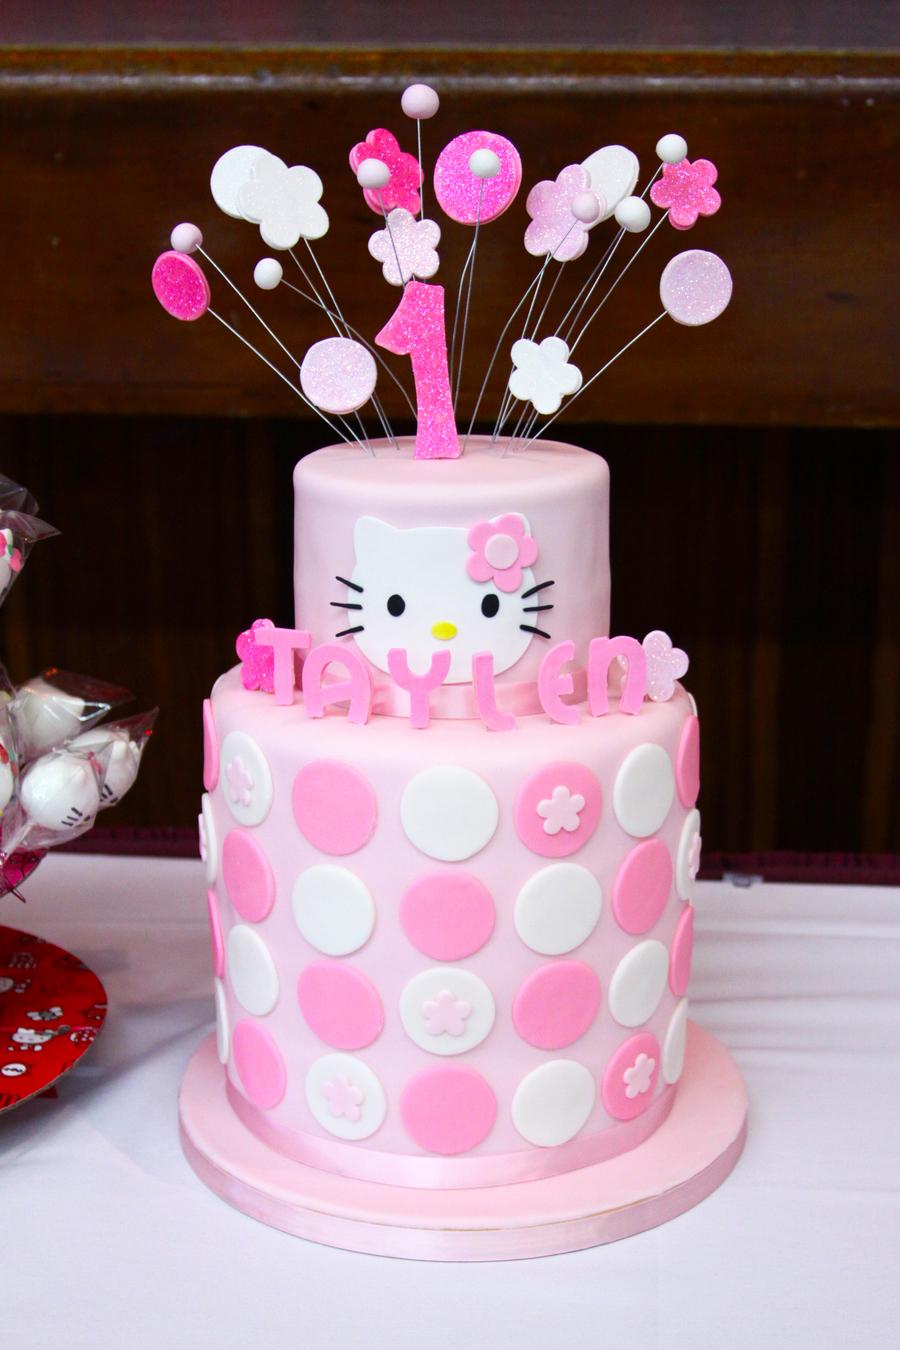 Happy Birthday Taylen Cakecentral Com